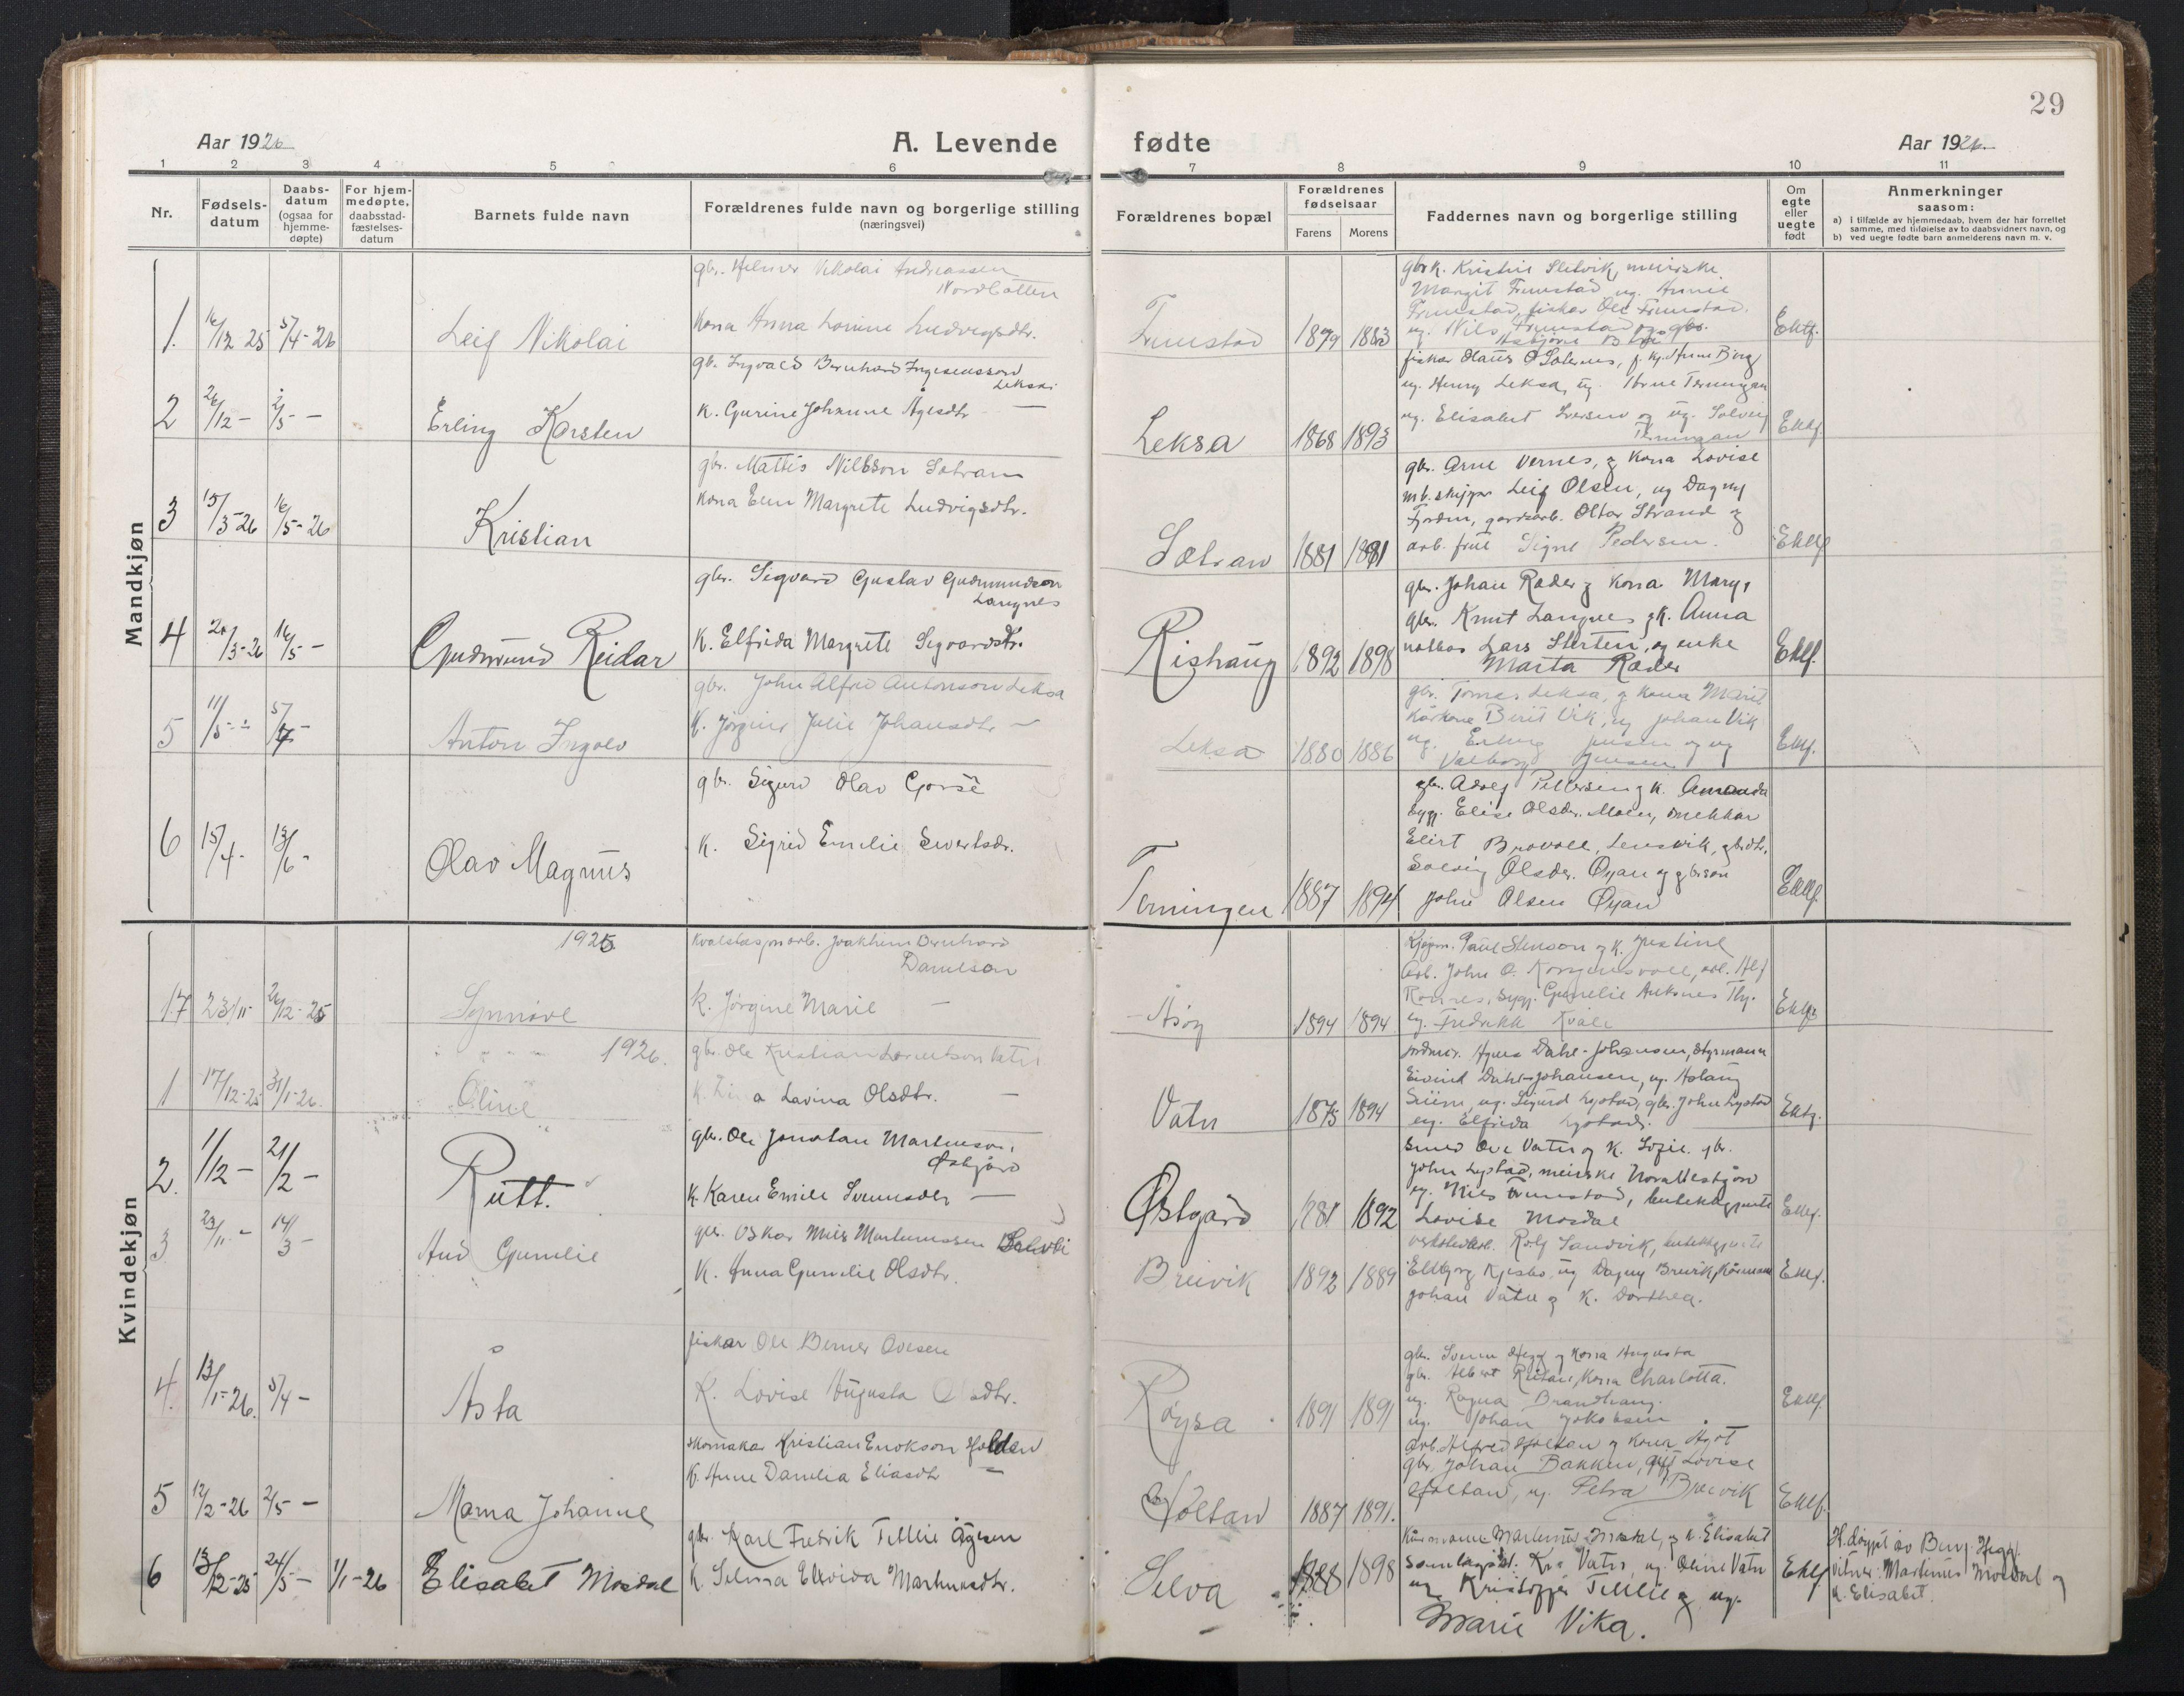 SAT, Ministerialprotokoller, klokkerbøker og fødselsregistre - Sør-Trøndelag, 662/L0758: Klokkerbok nr. 662C03, 1918-1948, s. 29